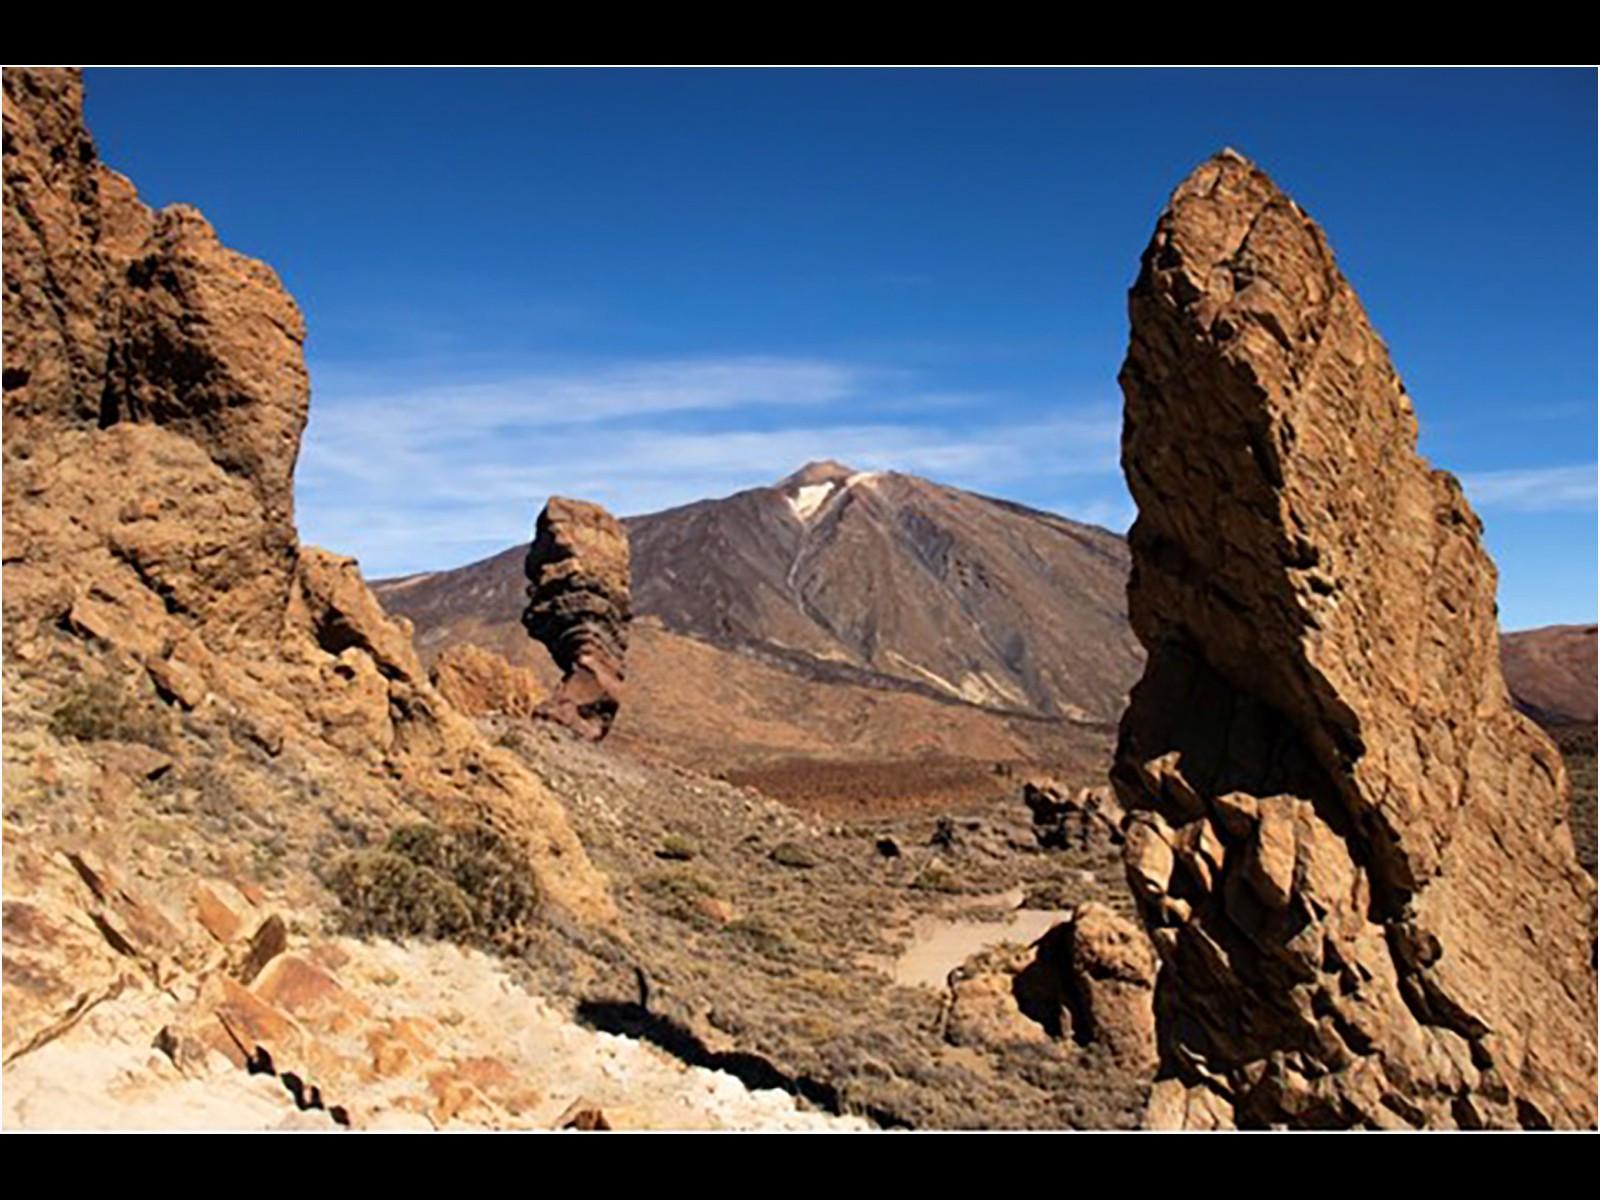 7.Mount Teide